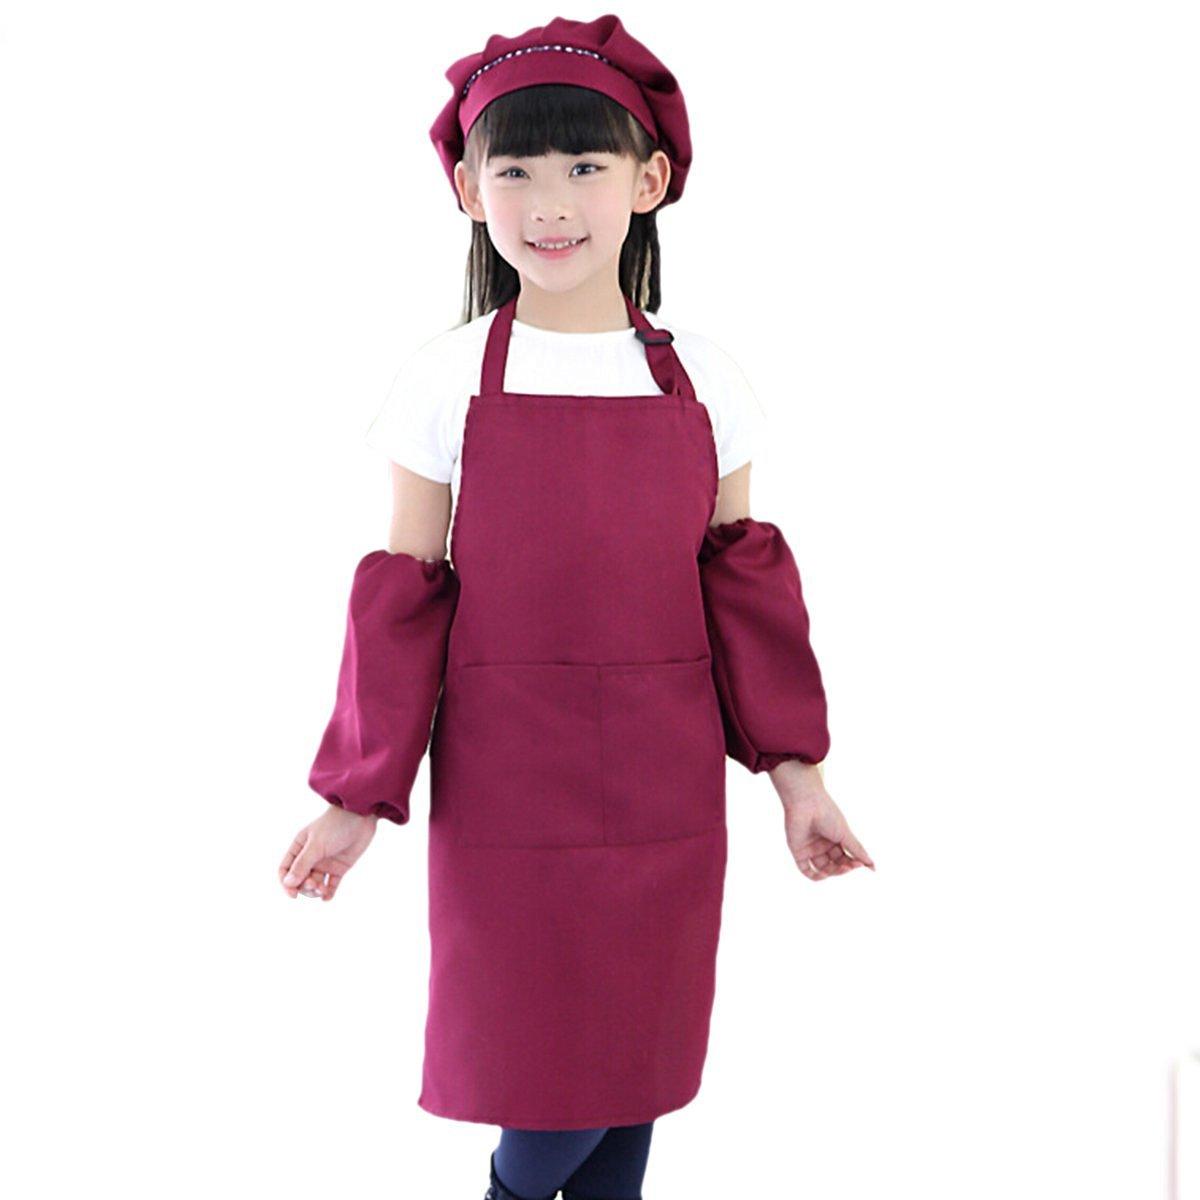 TININNA Kinder Schürze Küche Art Bluse Malerei Töpferei Schule mit Manschettenknöpfe Hut für Jungen Mädchen